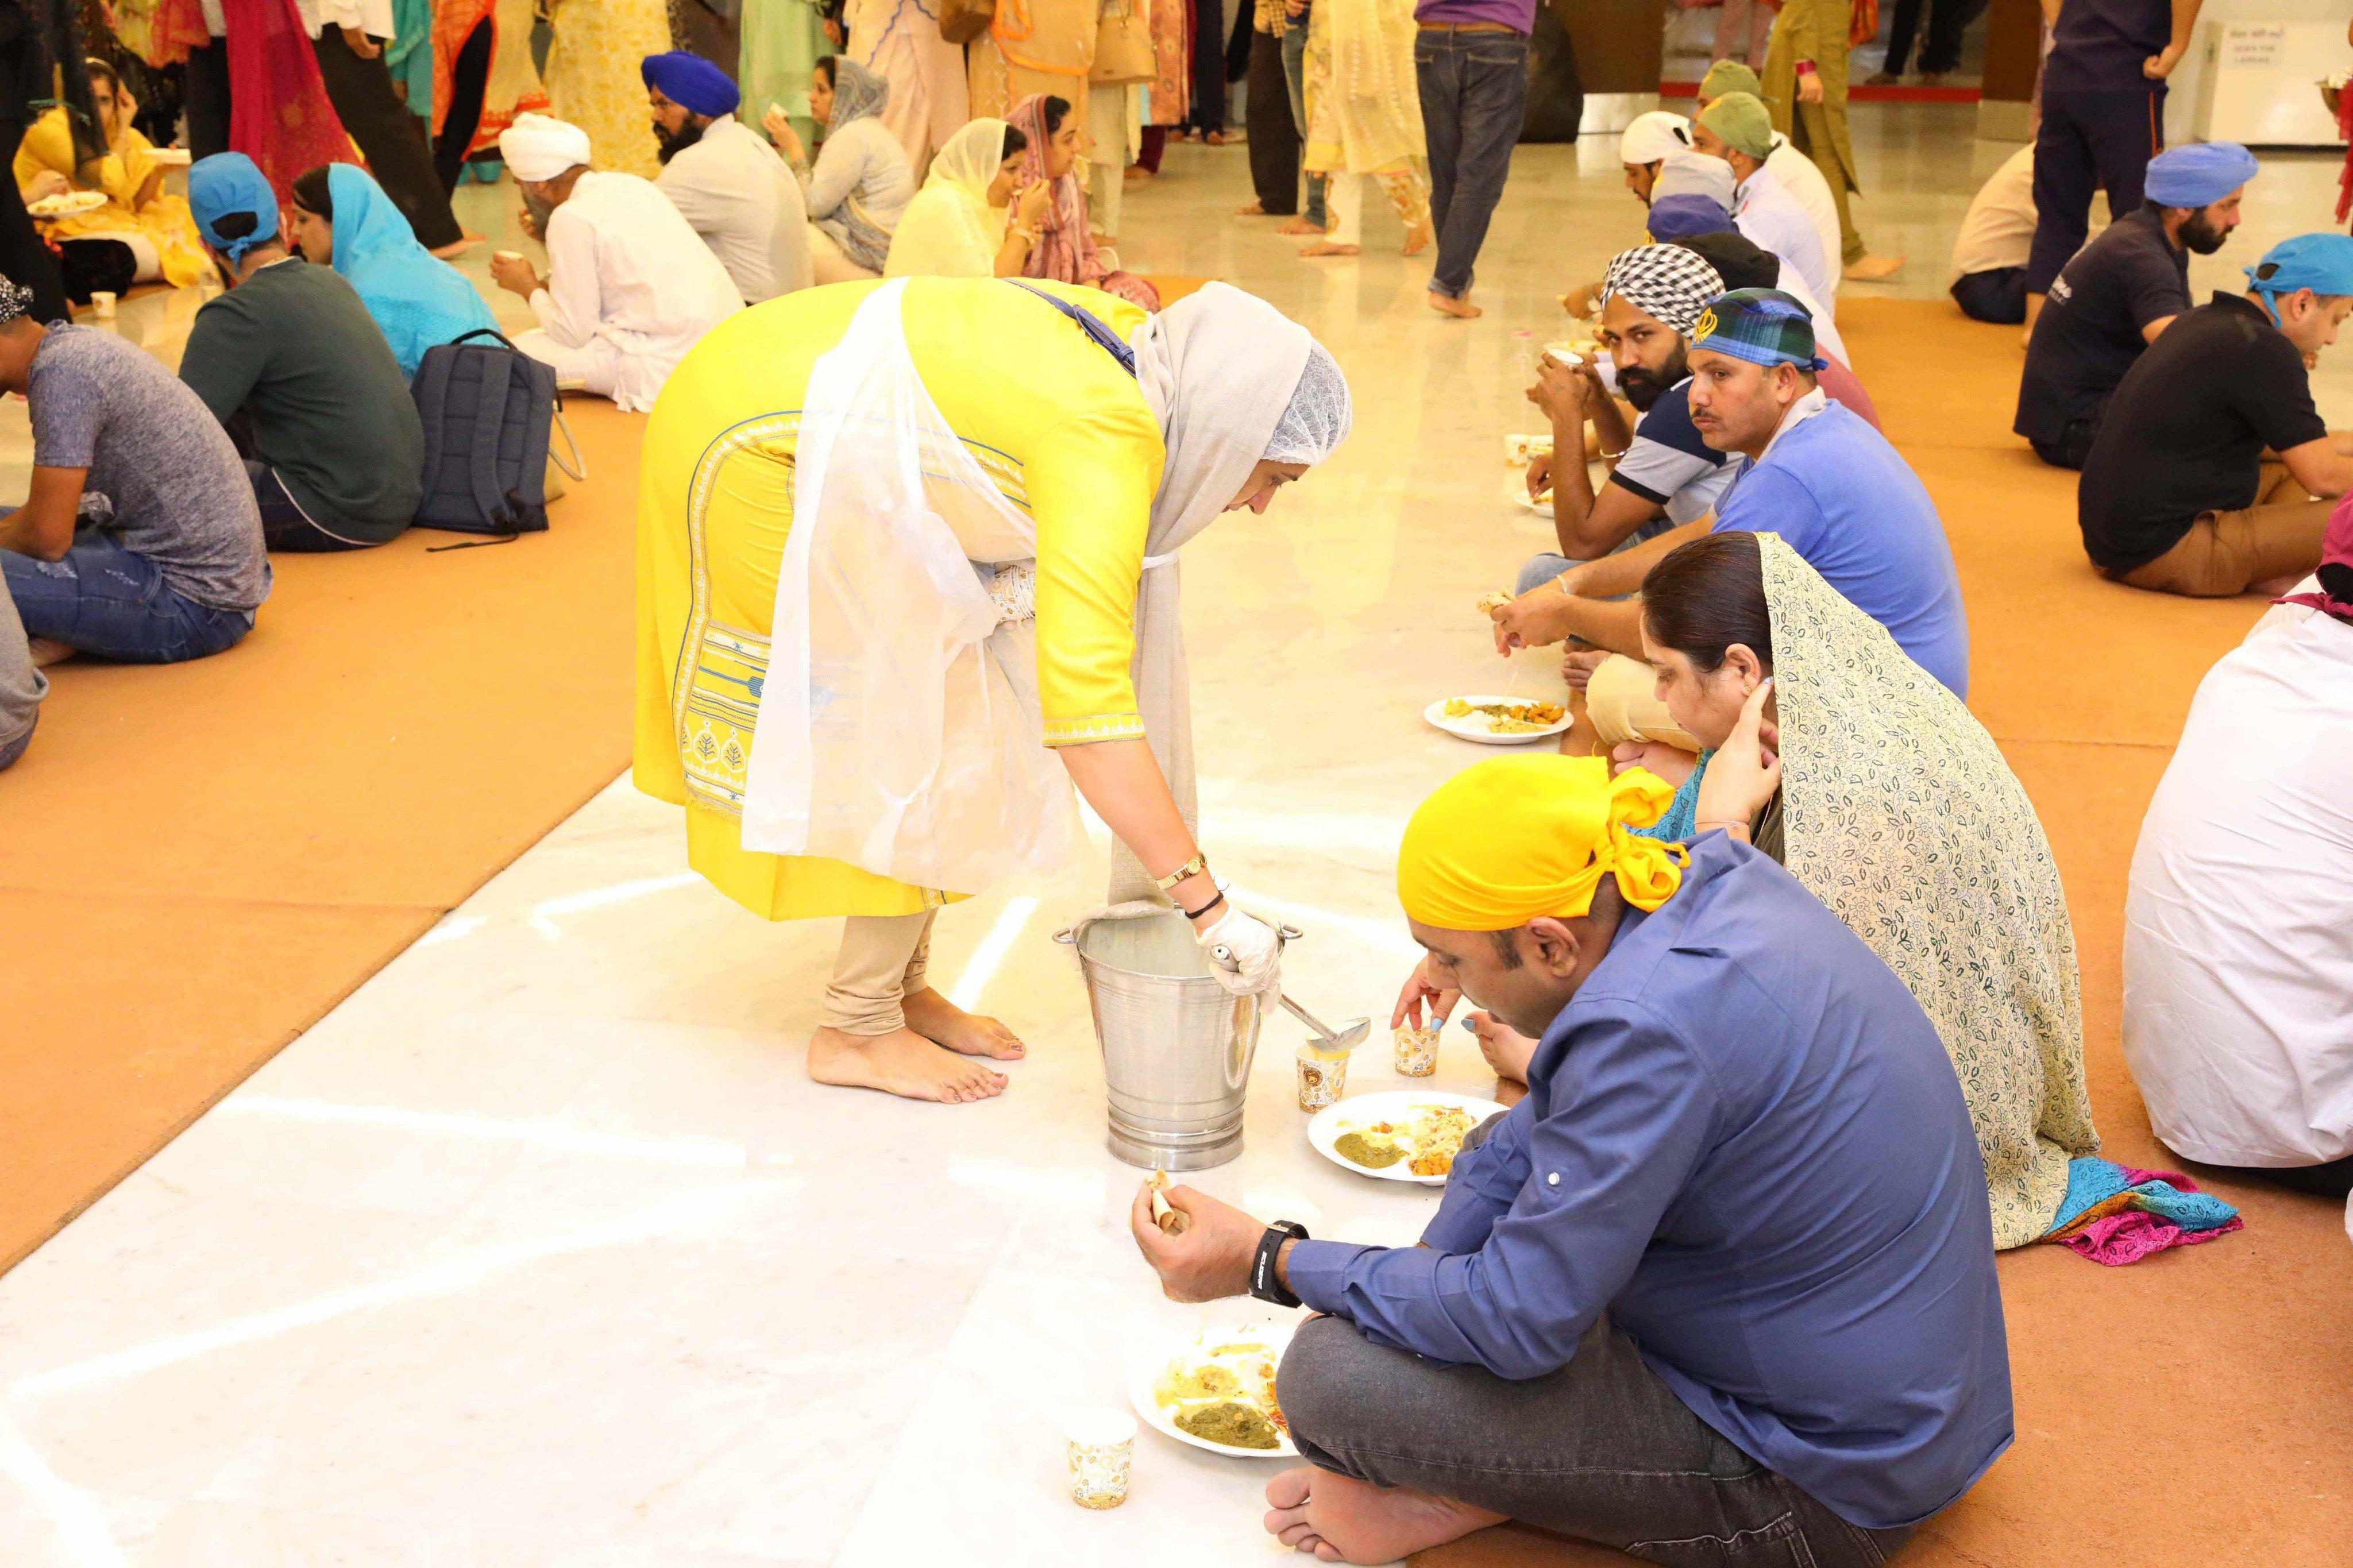 Langar at Gurudwara in UAE. Photo Courtesy: Guru Nanak Gurudwara UAE